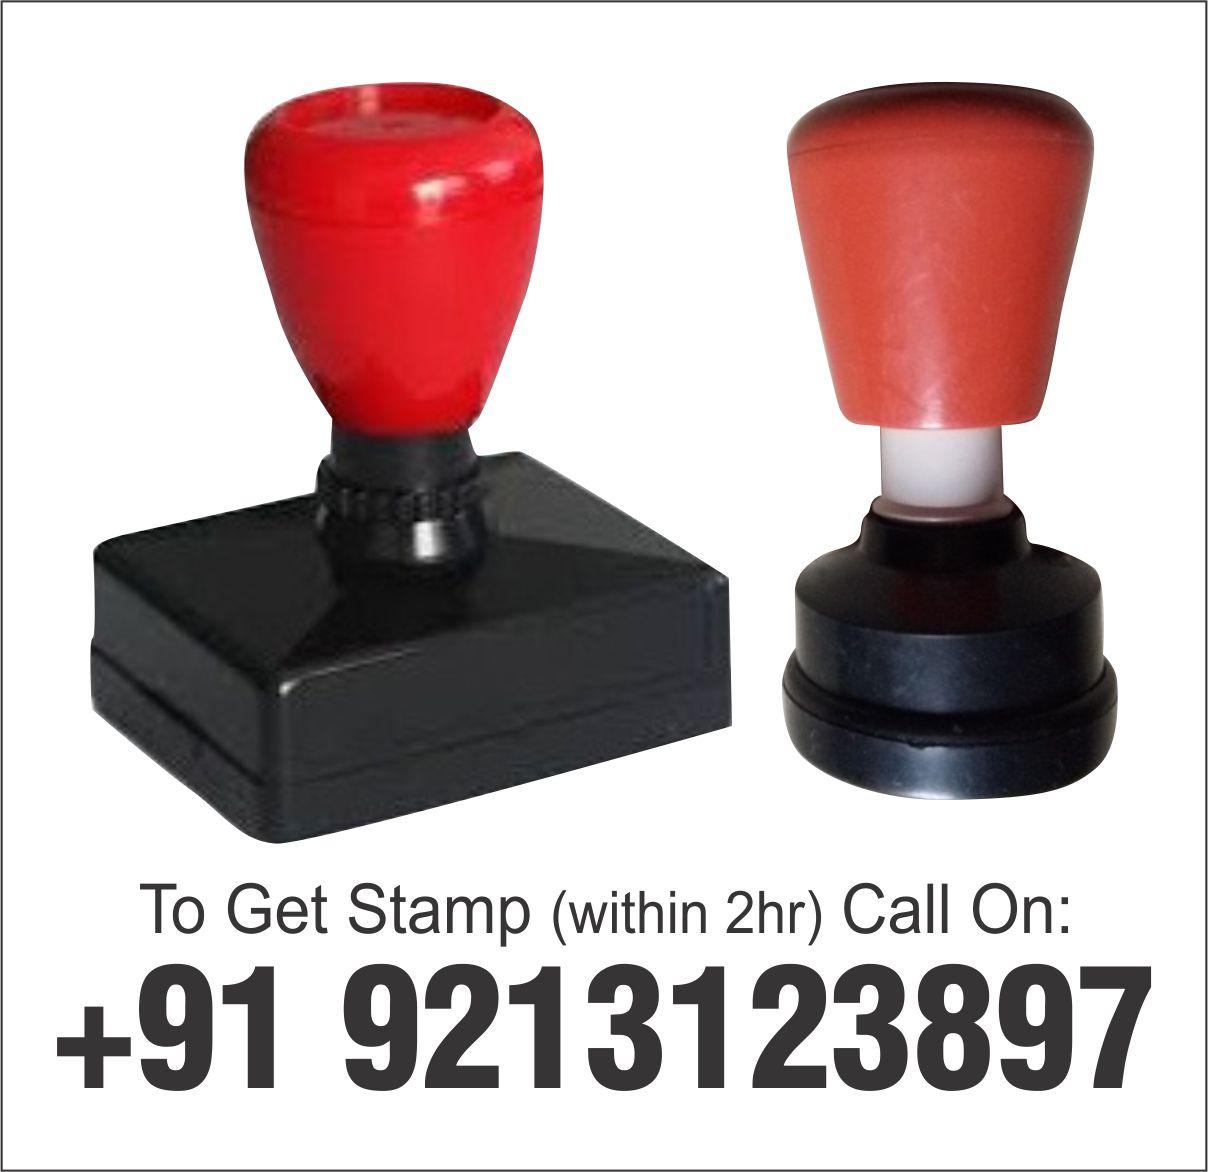 Rubber Stamp Maker, Manufacturer in Munirka Delhi NCR India.